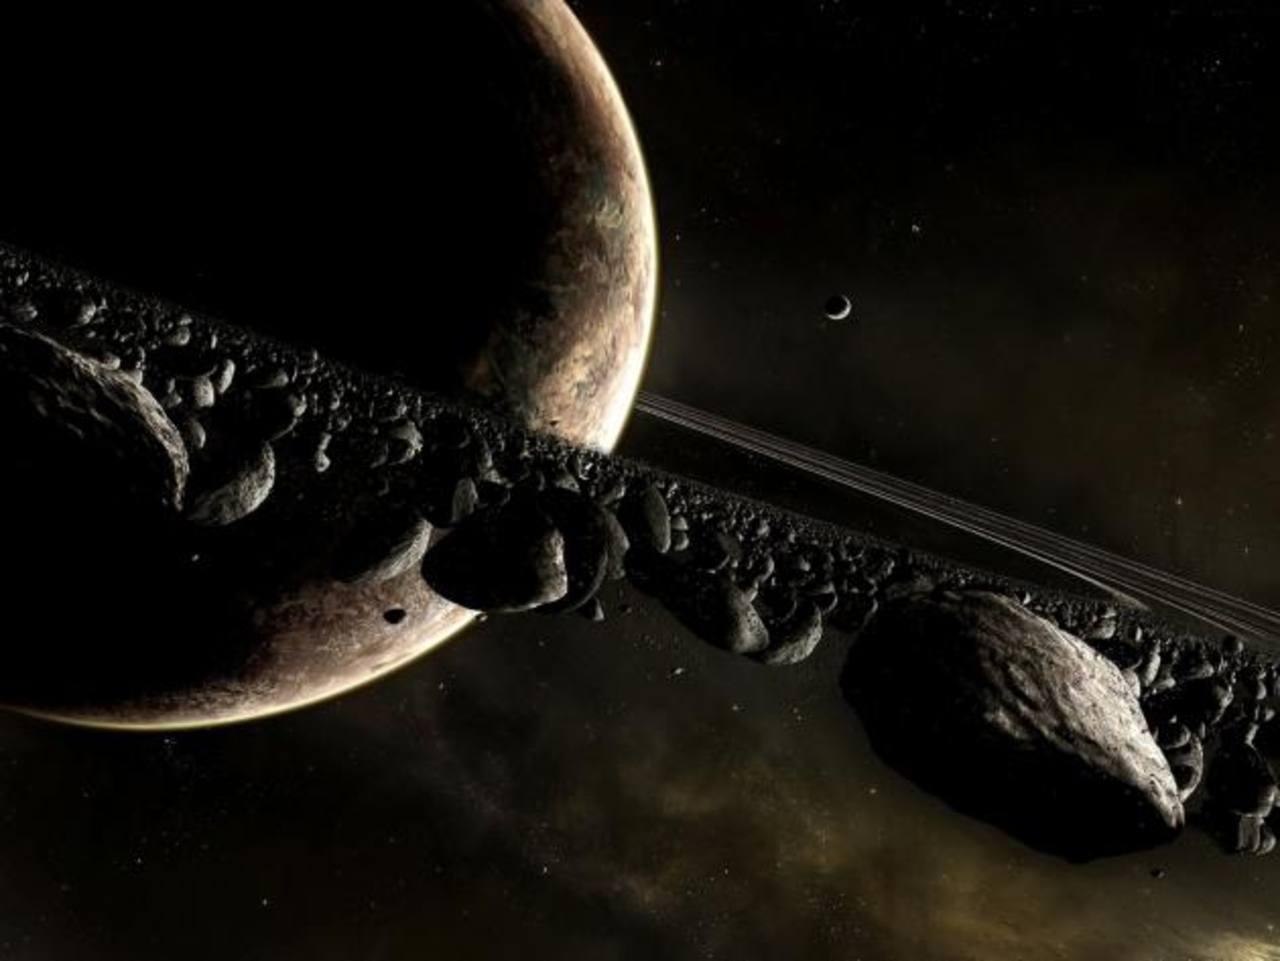 Resultado de imagen para Anillos de Júpiter